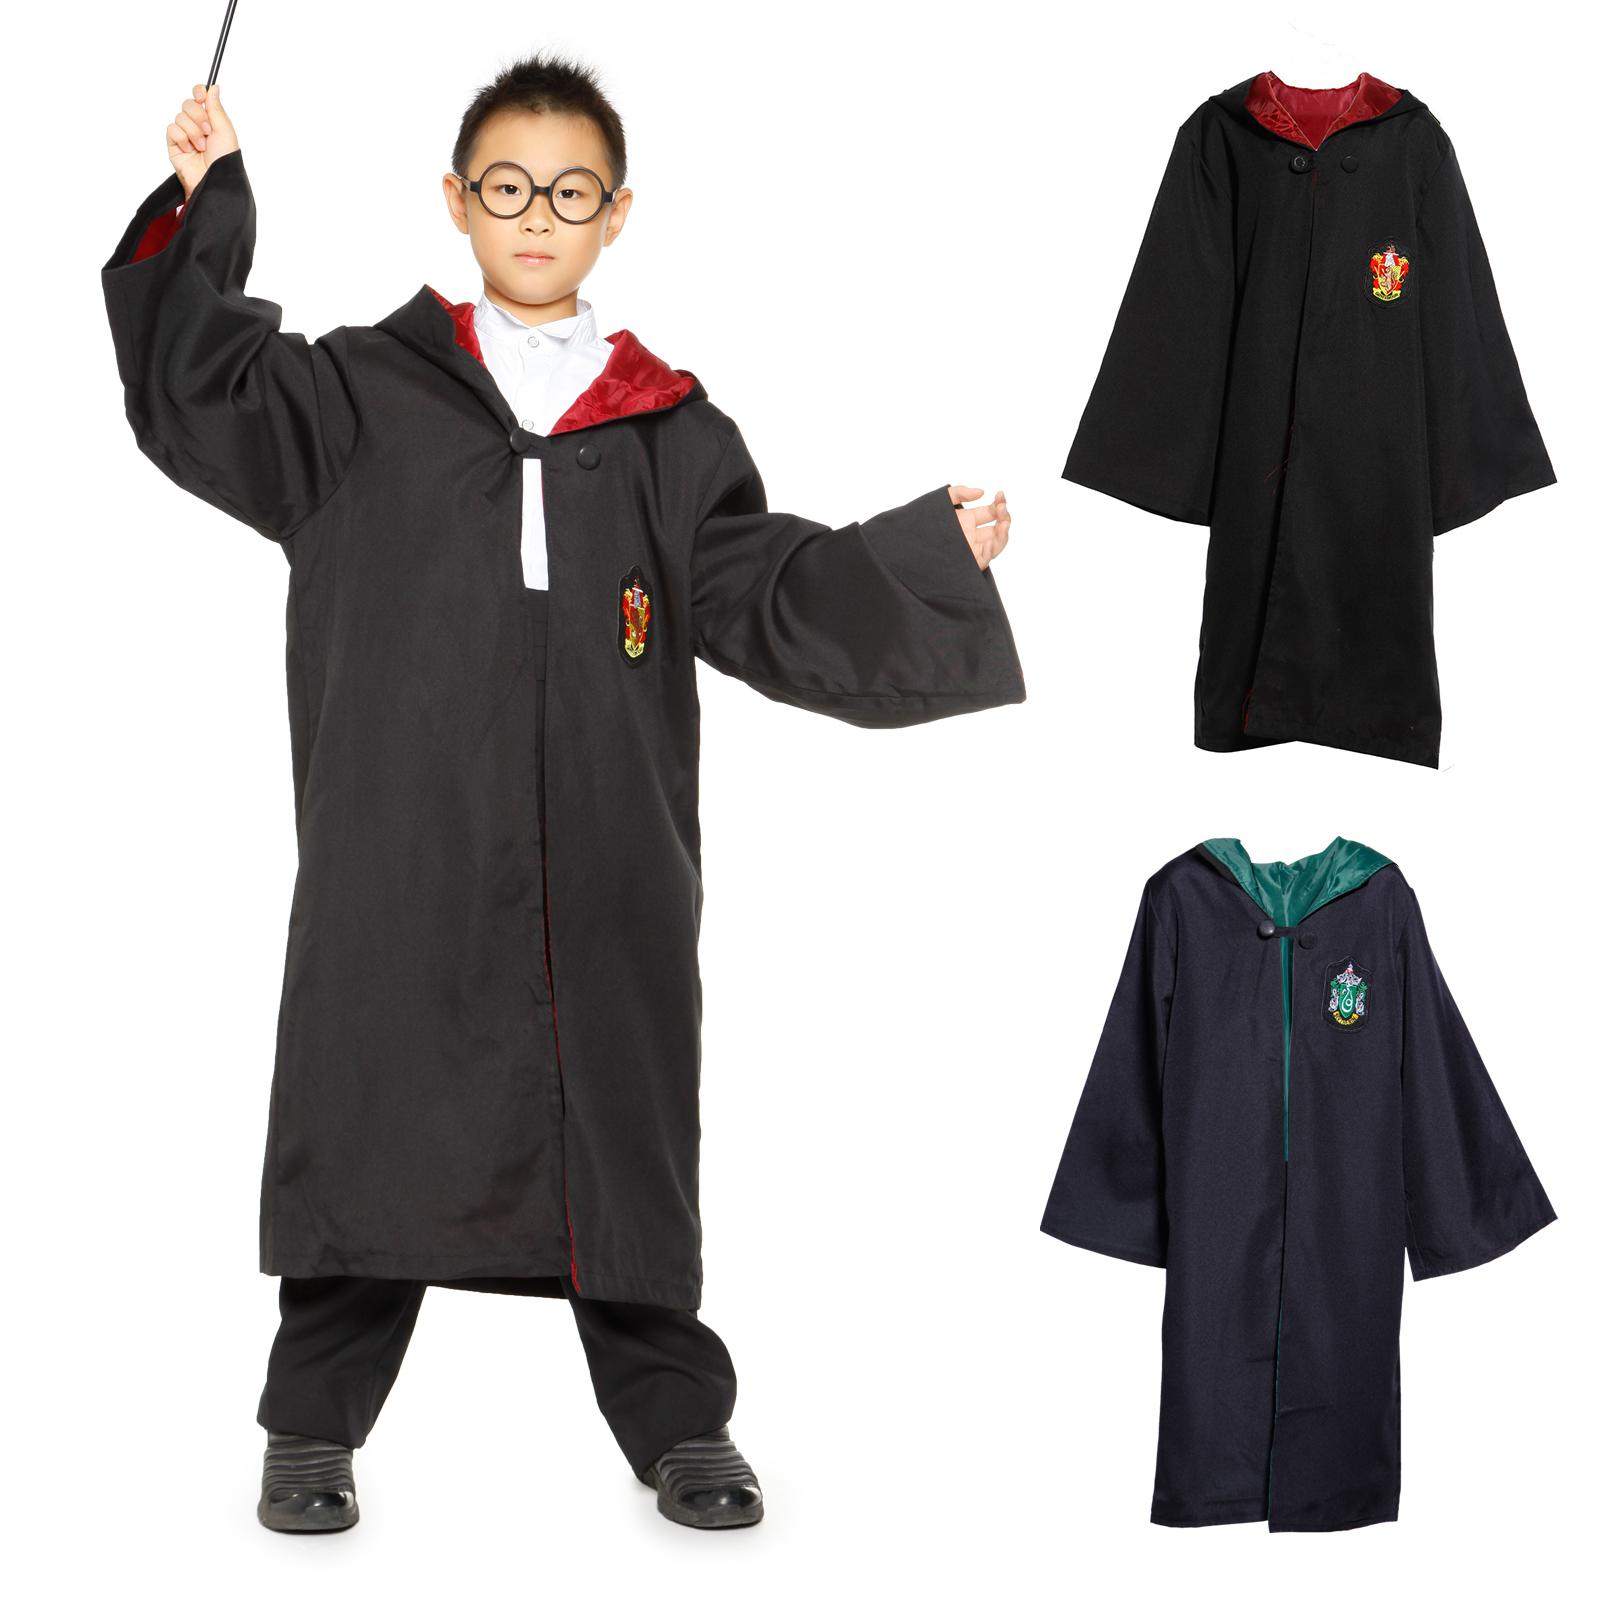 Wizard Robe: Costumes, Reenactment, Theater | eBay